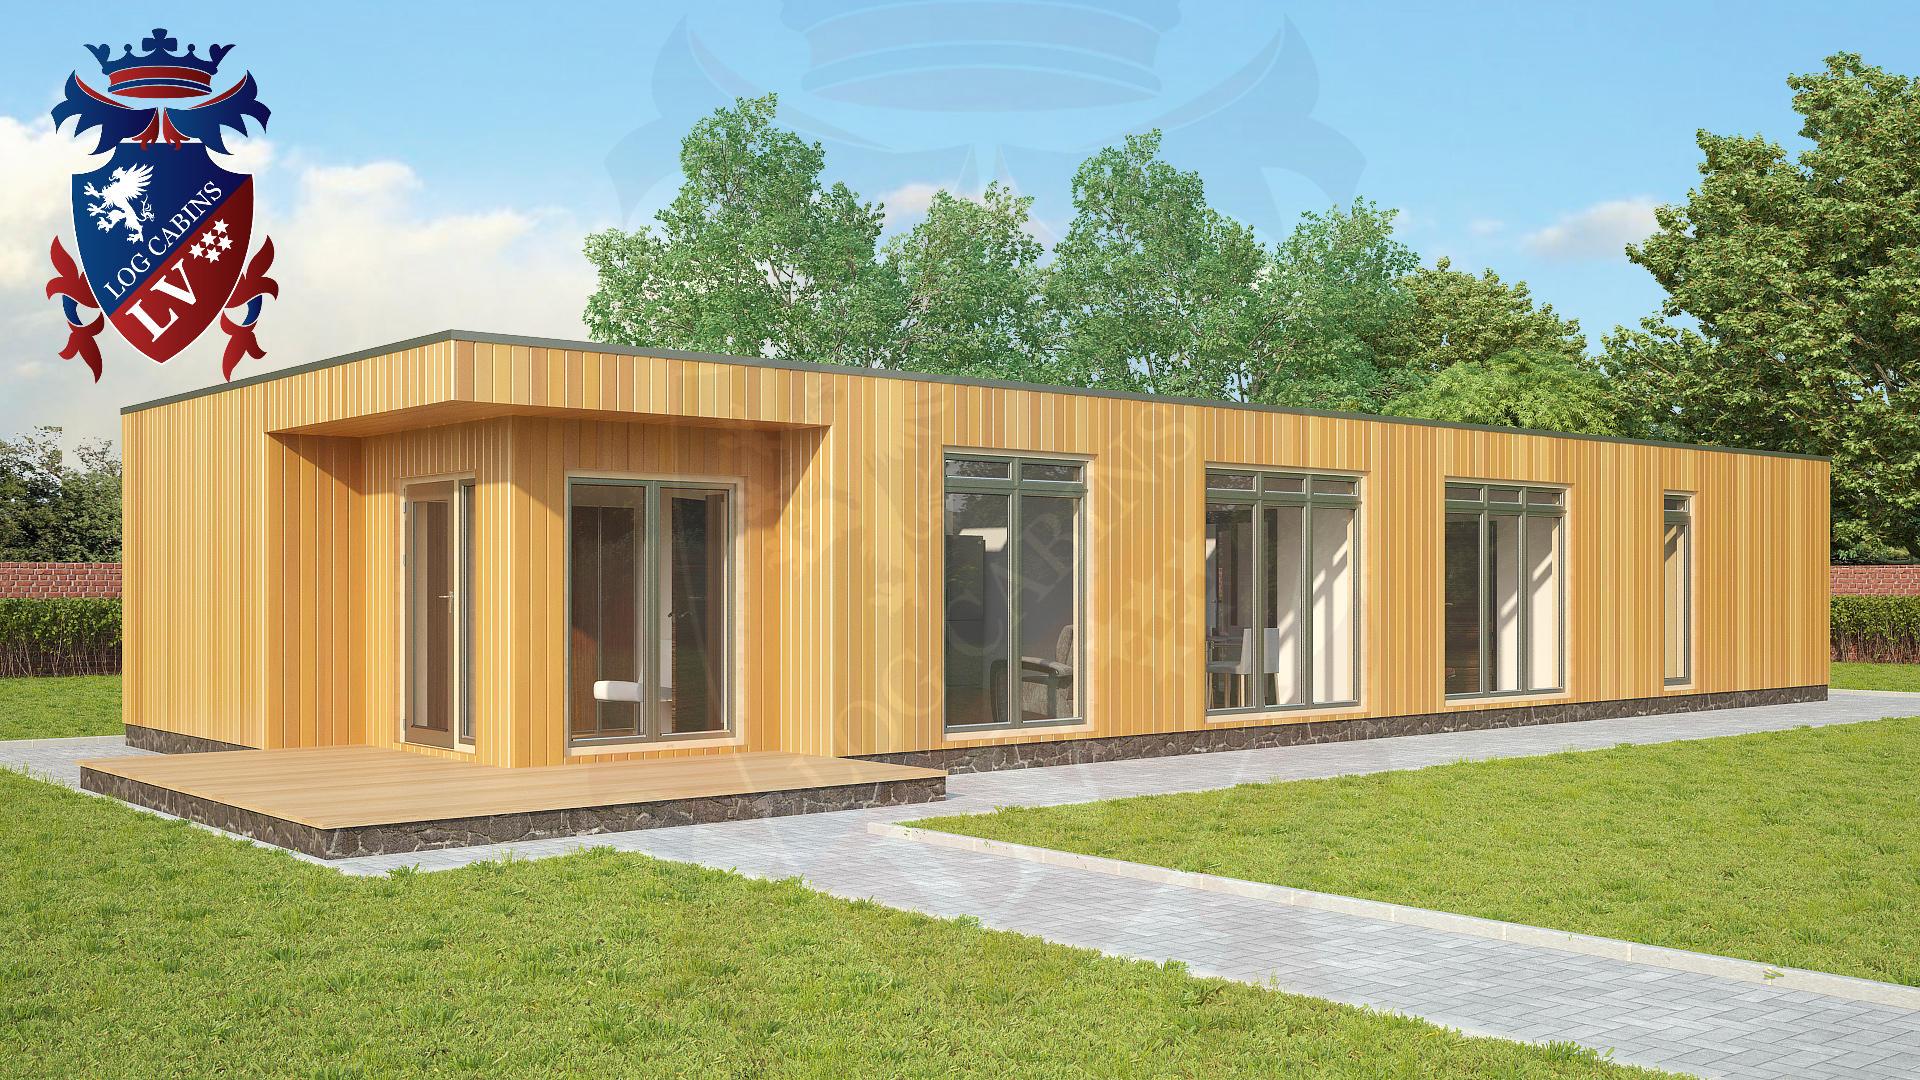 Bespoke log cabins buildings structures log cabins lv blog for Log carports